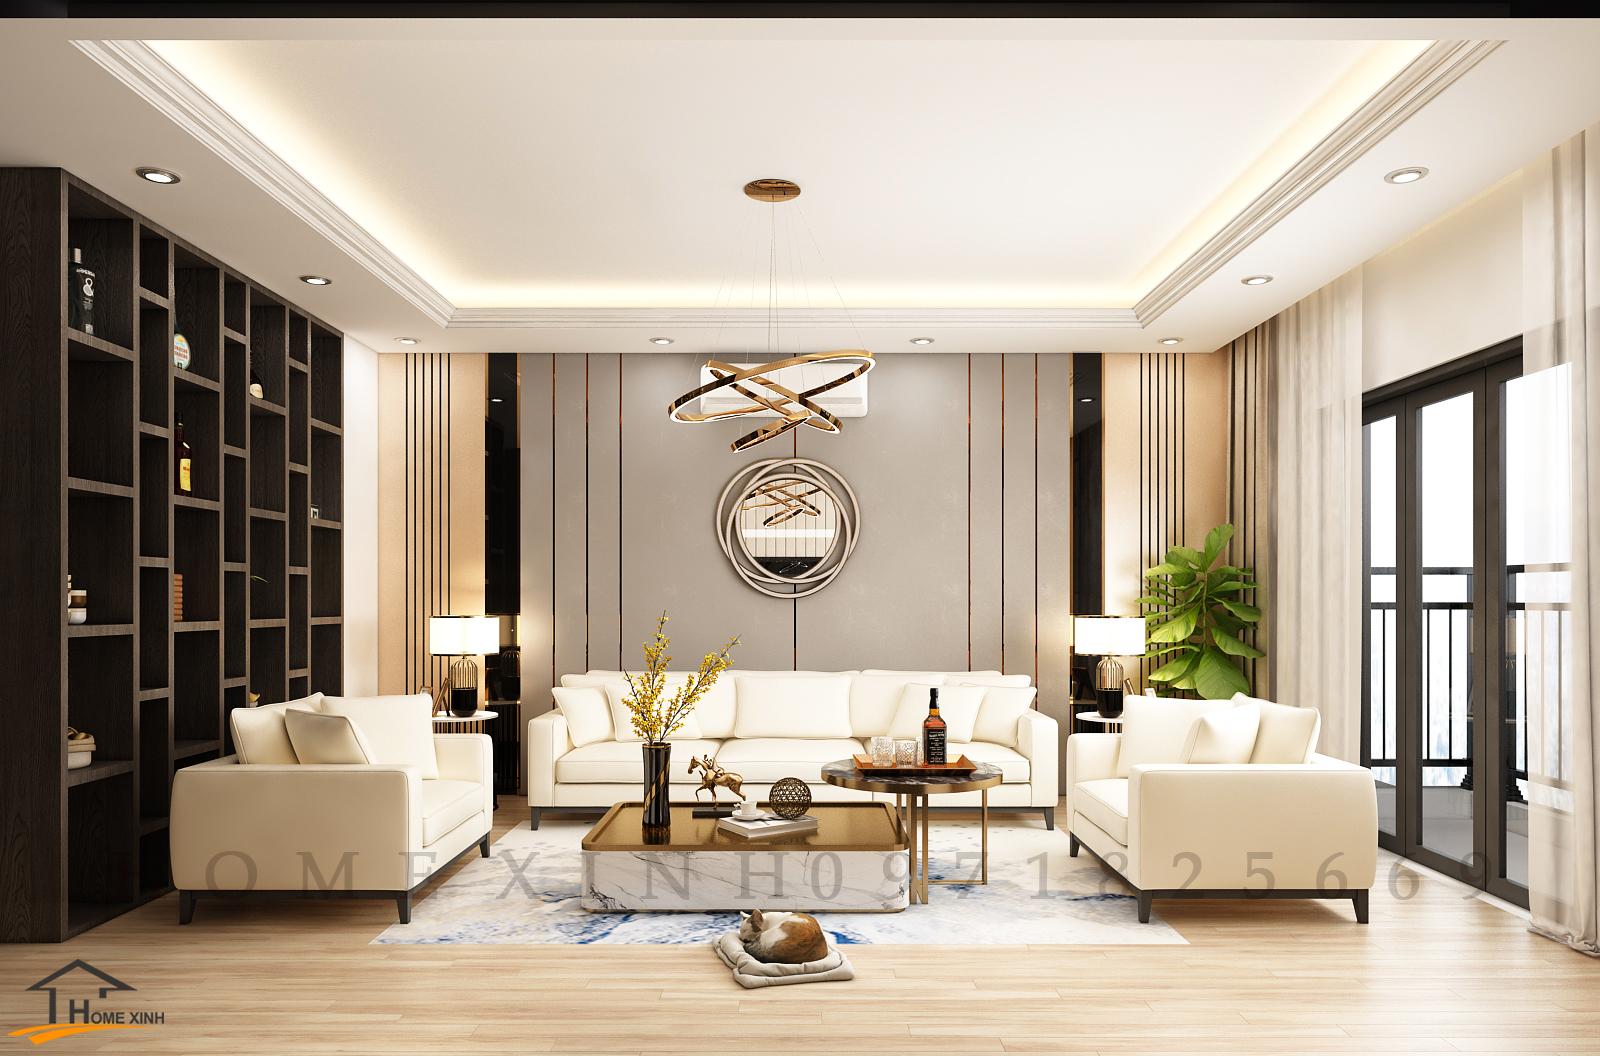 Thiết kế nội thất nhà liền kề ở Hải Phòng